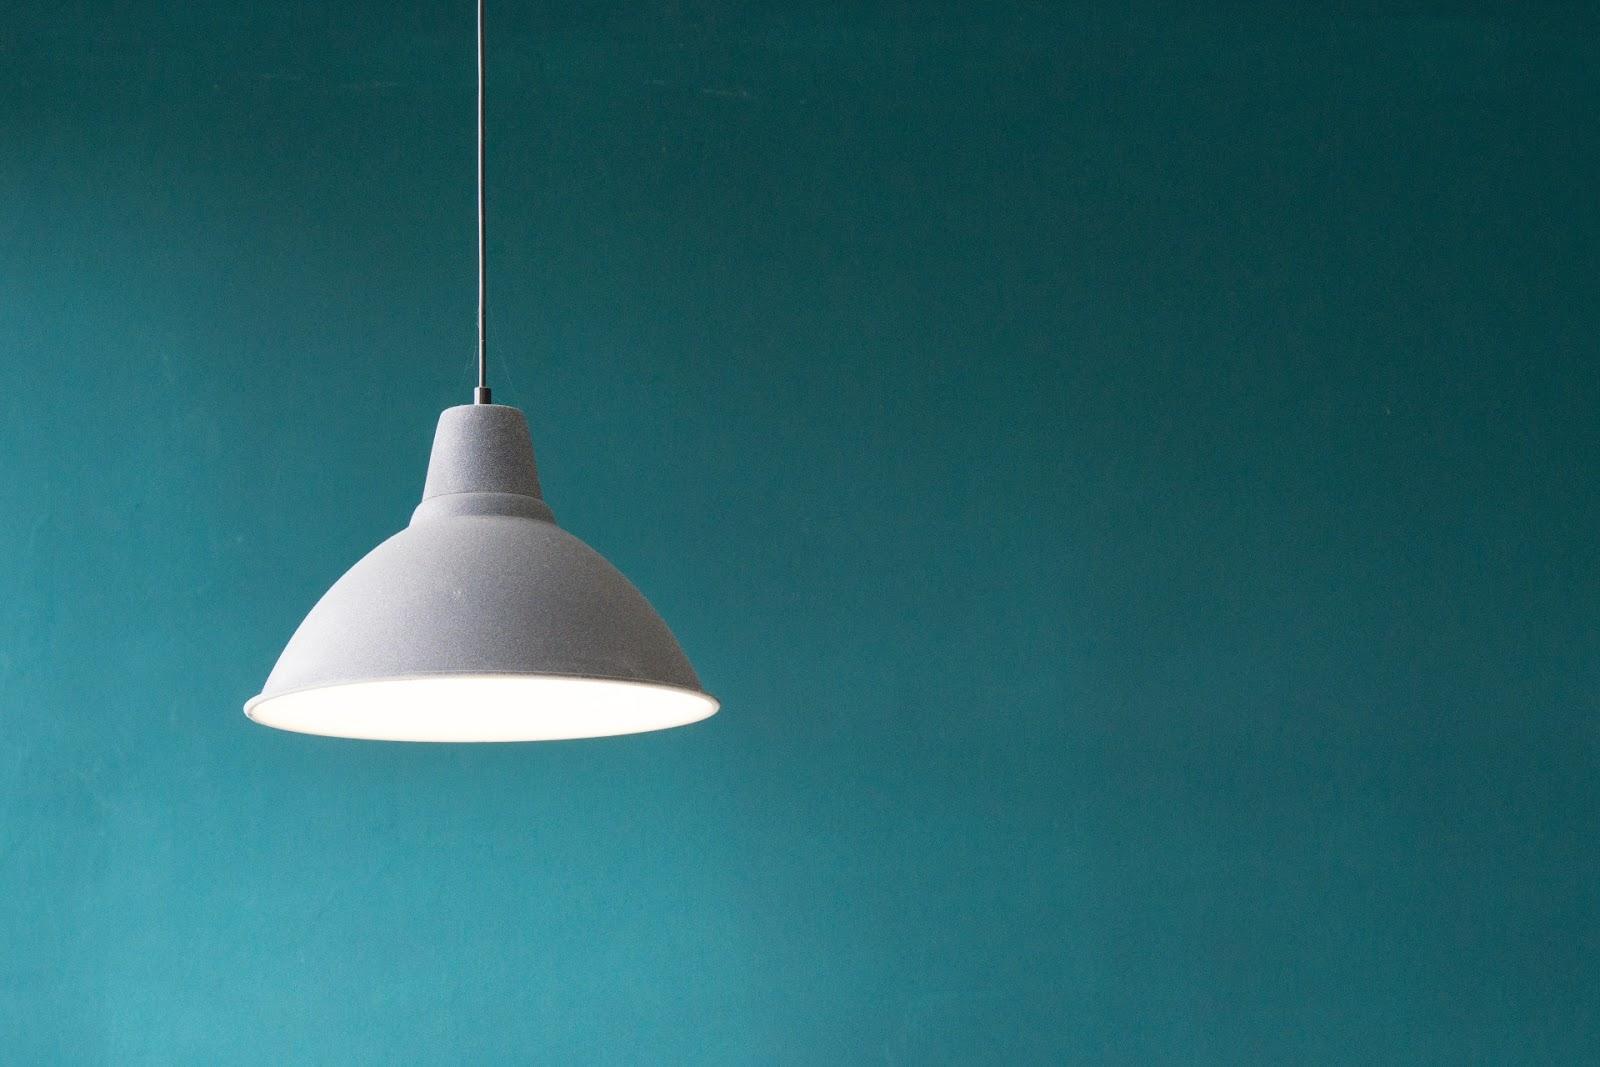 Biała okrągła lampa na tle zielonej ściany